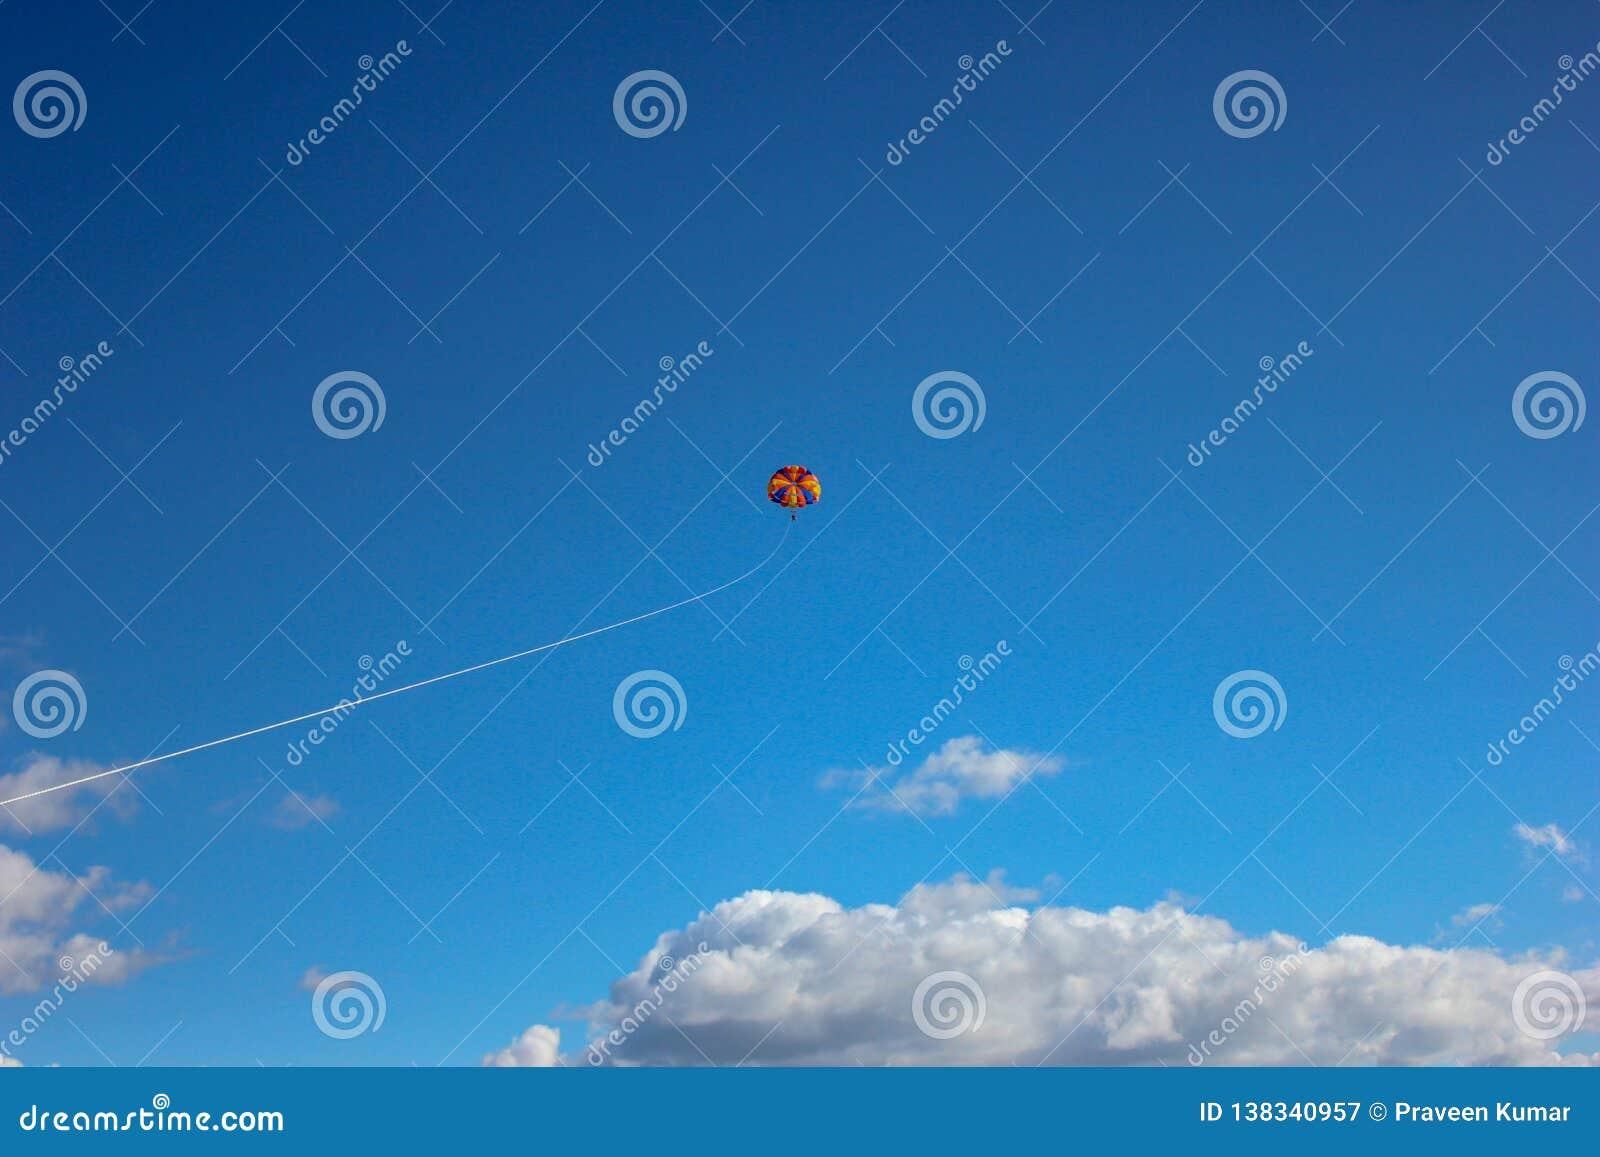 Blå himmel för Paragliding utom fara